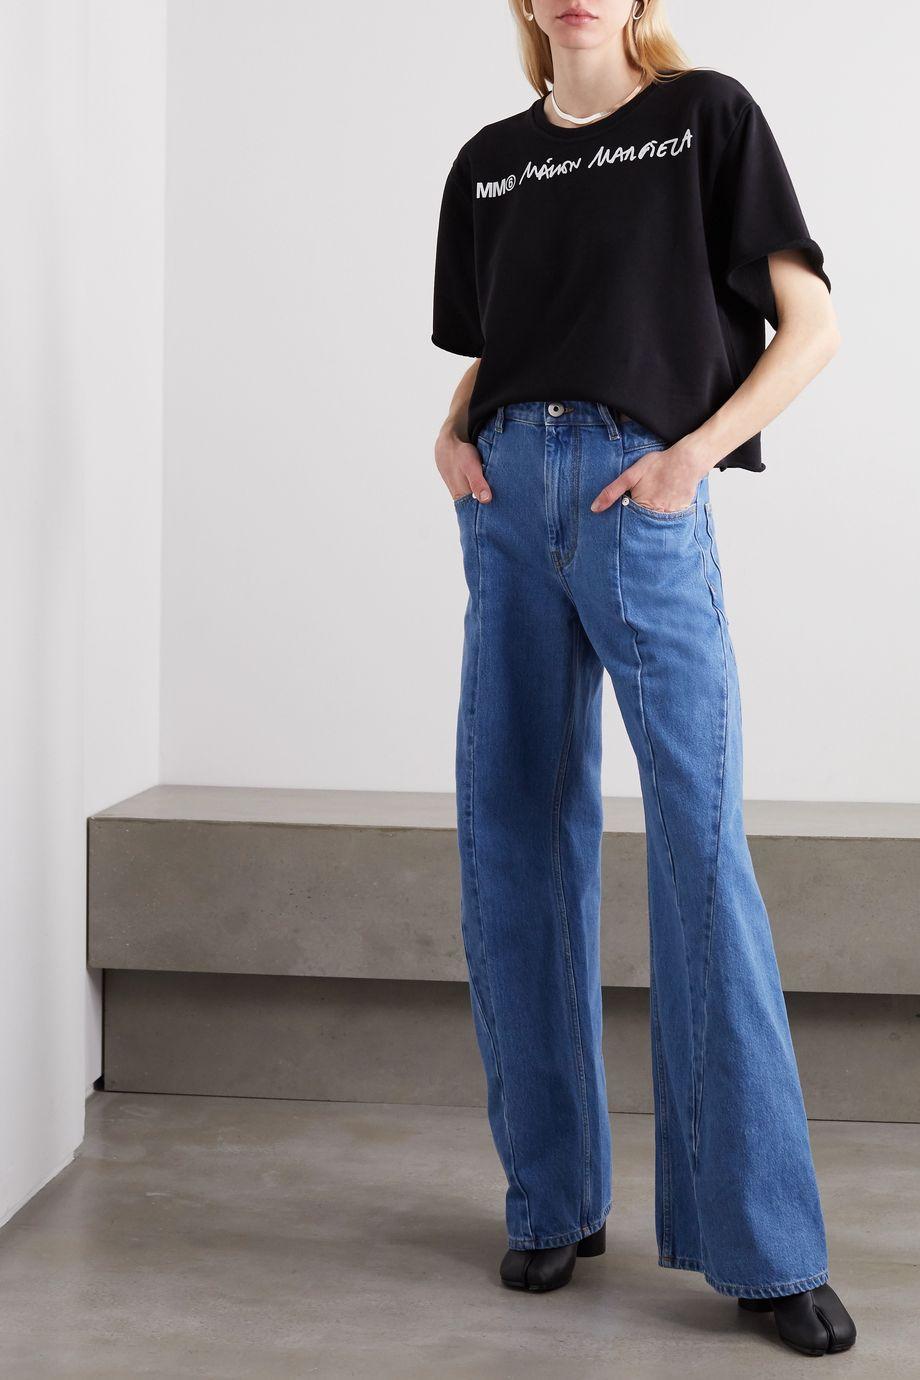 MM6 Maison Margiela Verkürztes T-Shirt aus Jersey aus einer Baumwollmischung mit Print